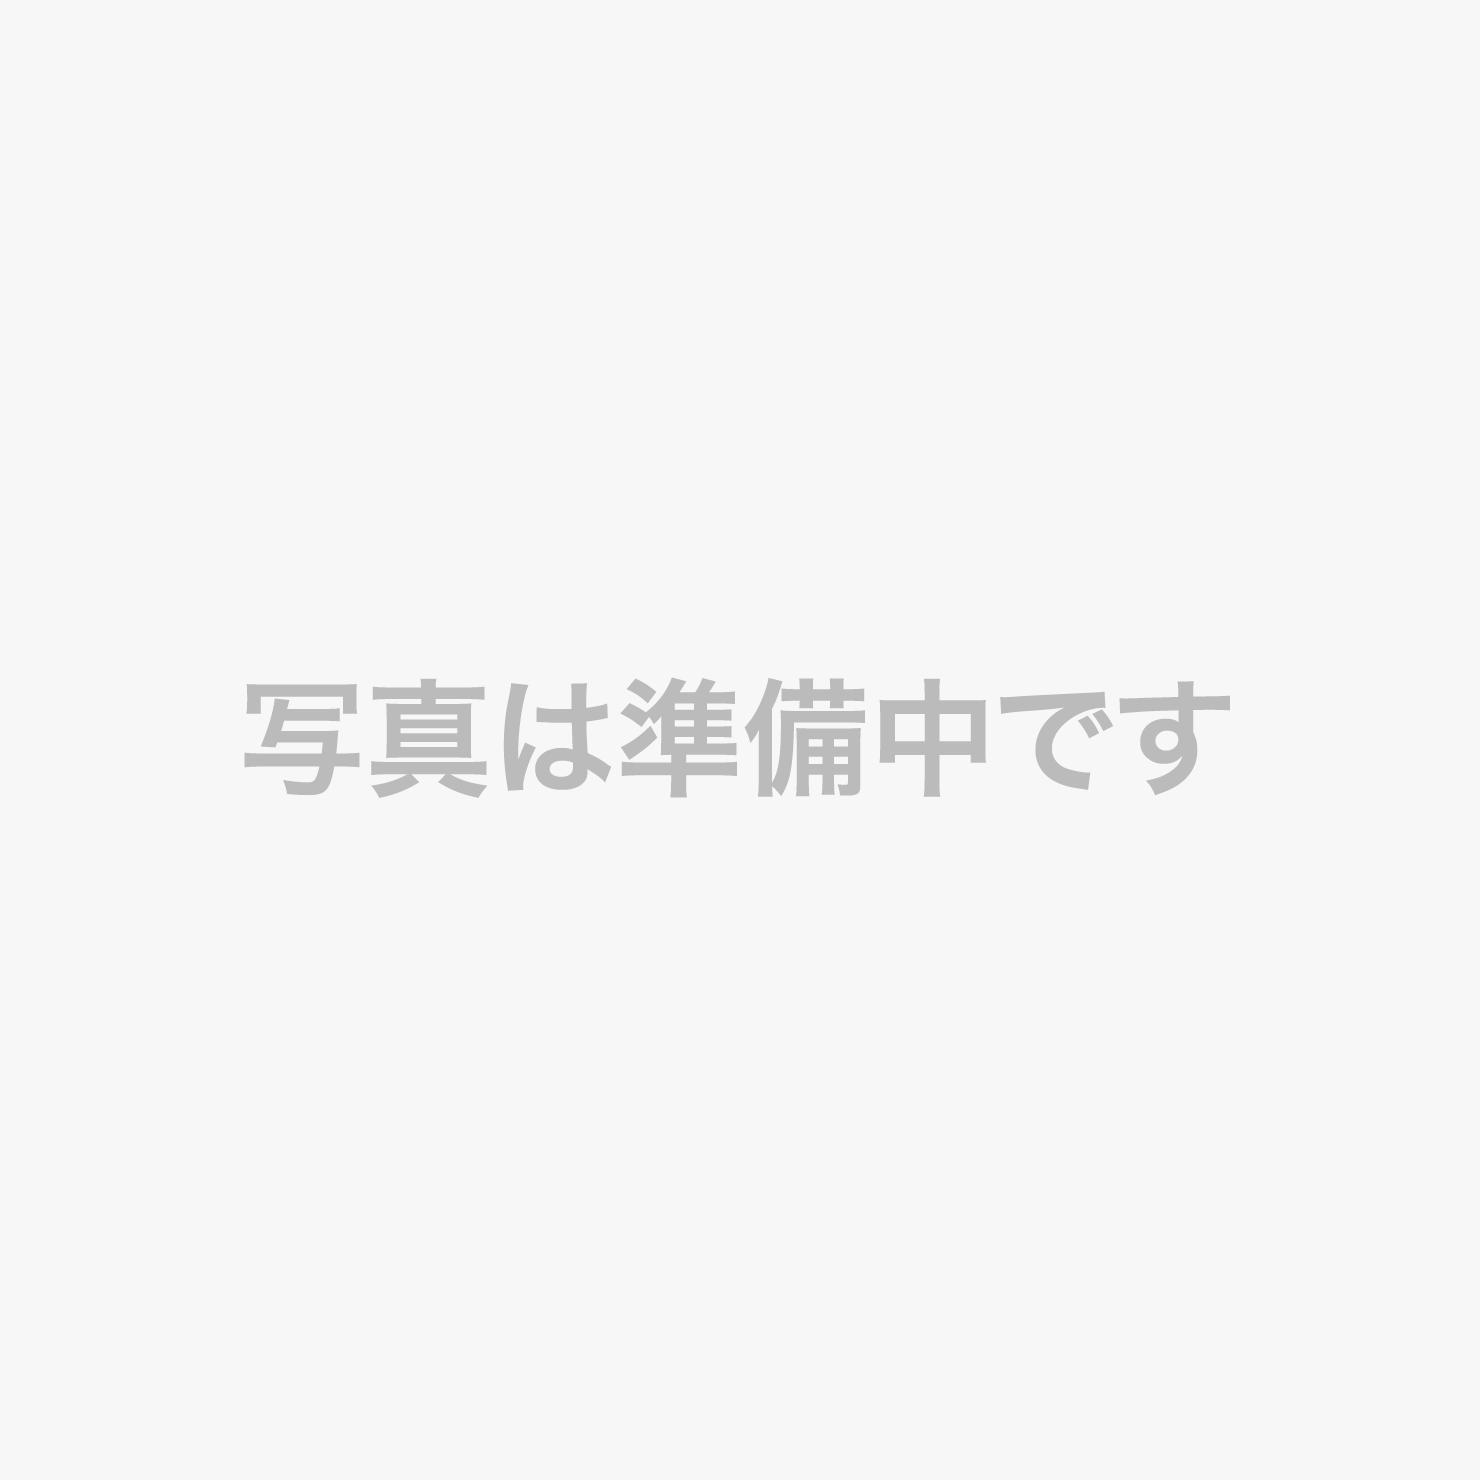 ◇桃花林◇月替わりの贅沢なディナーコースも必見です